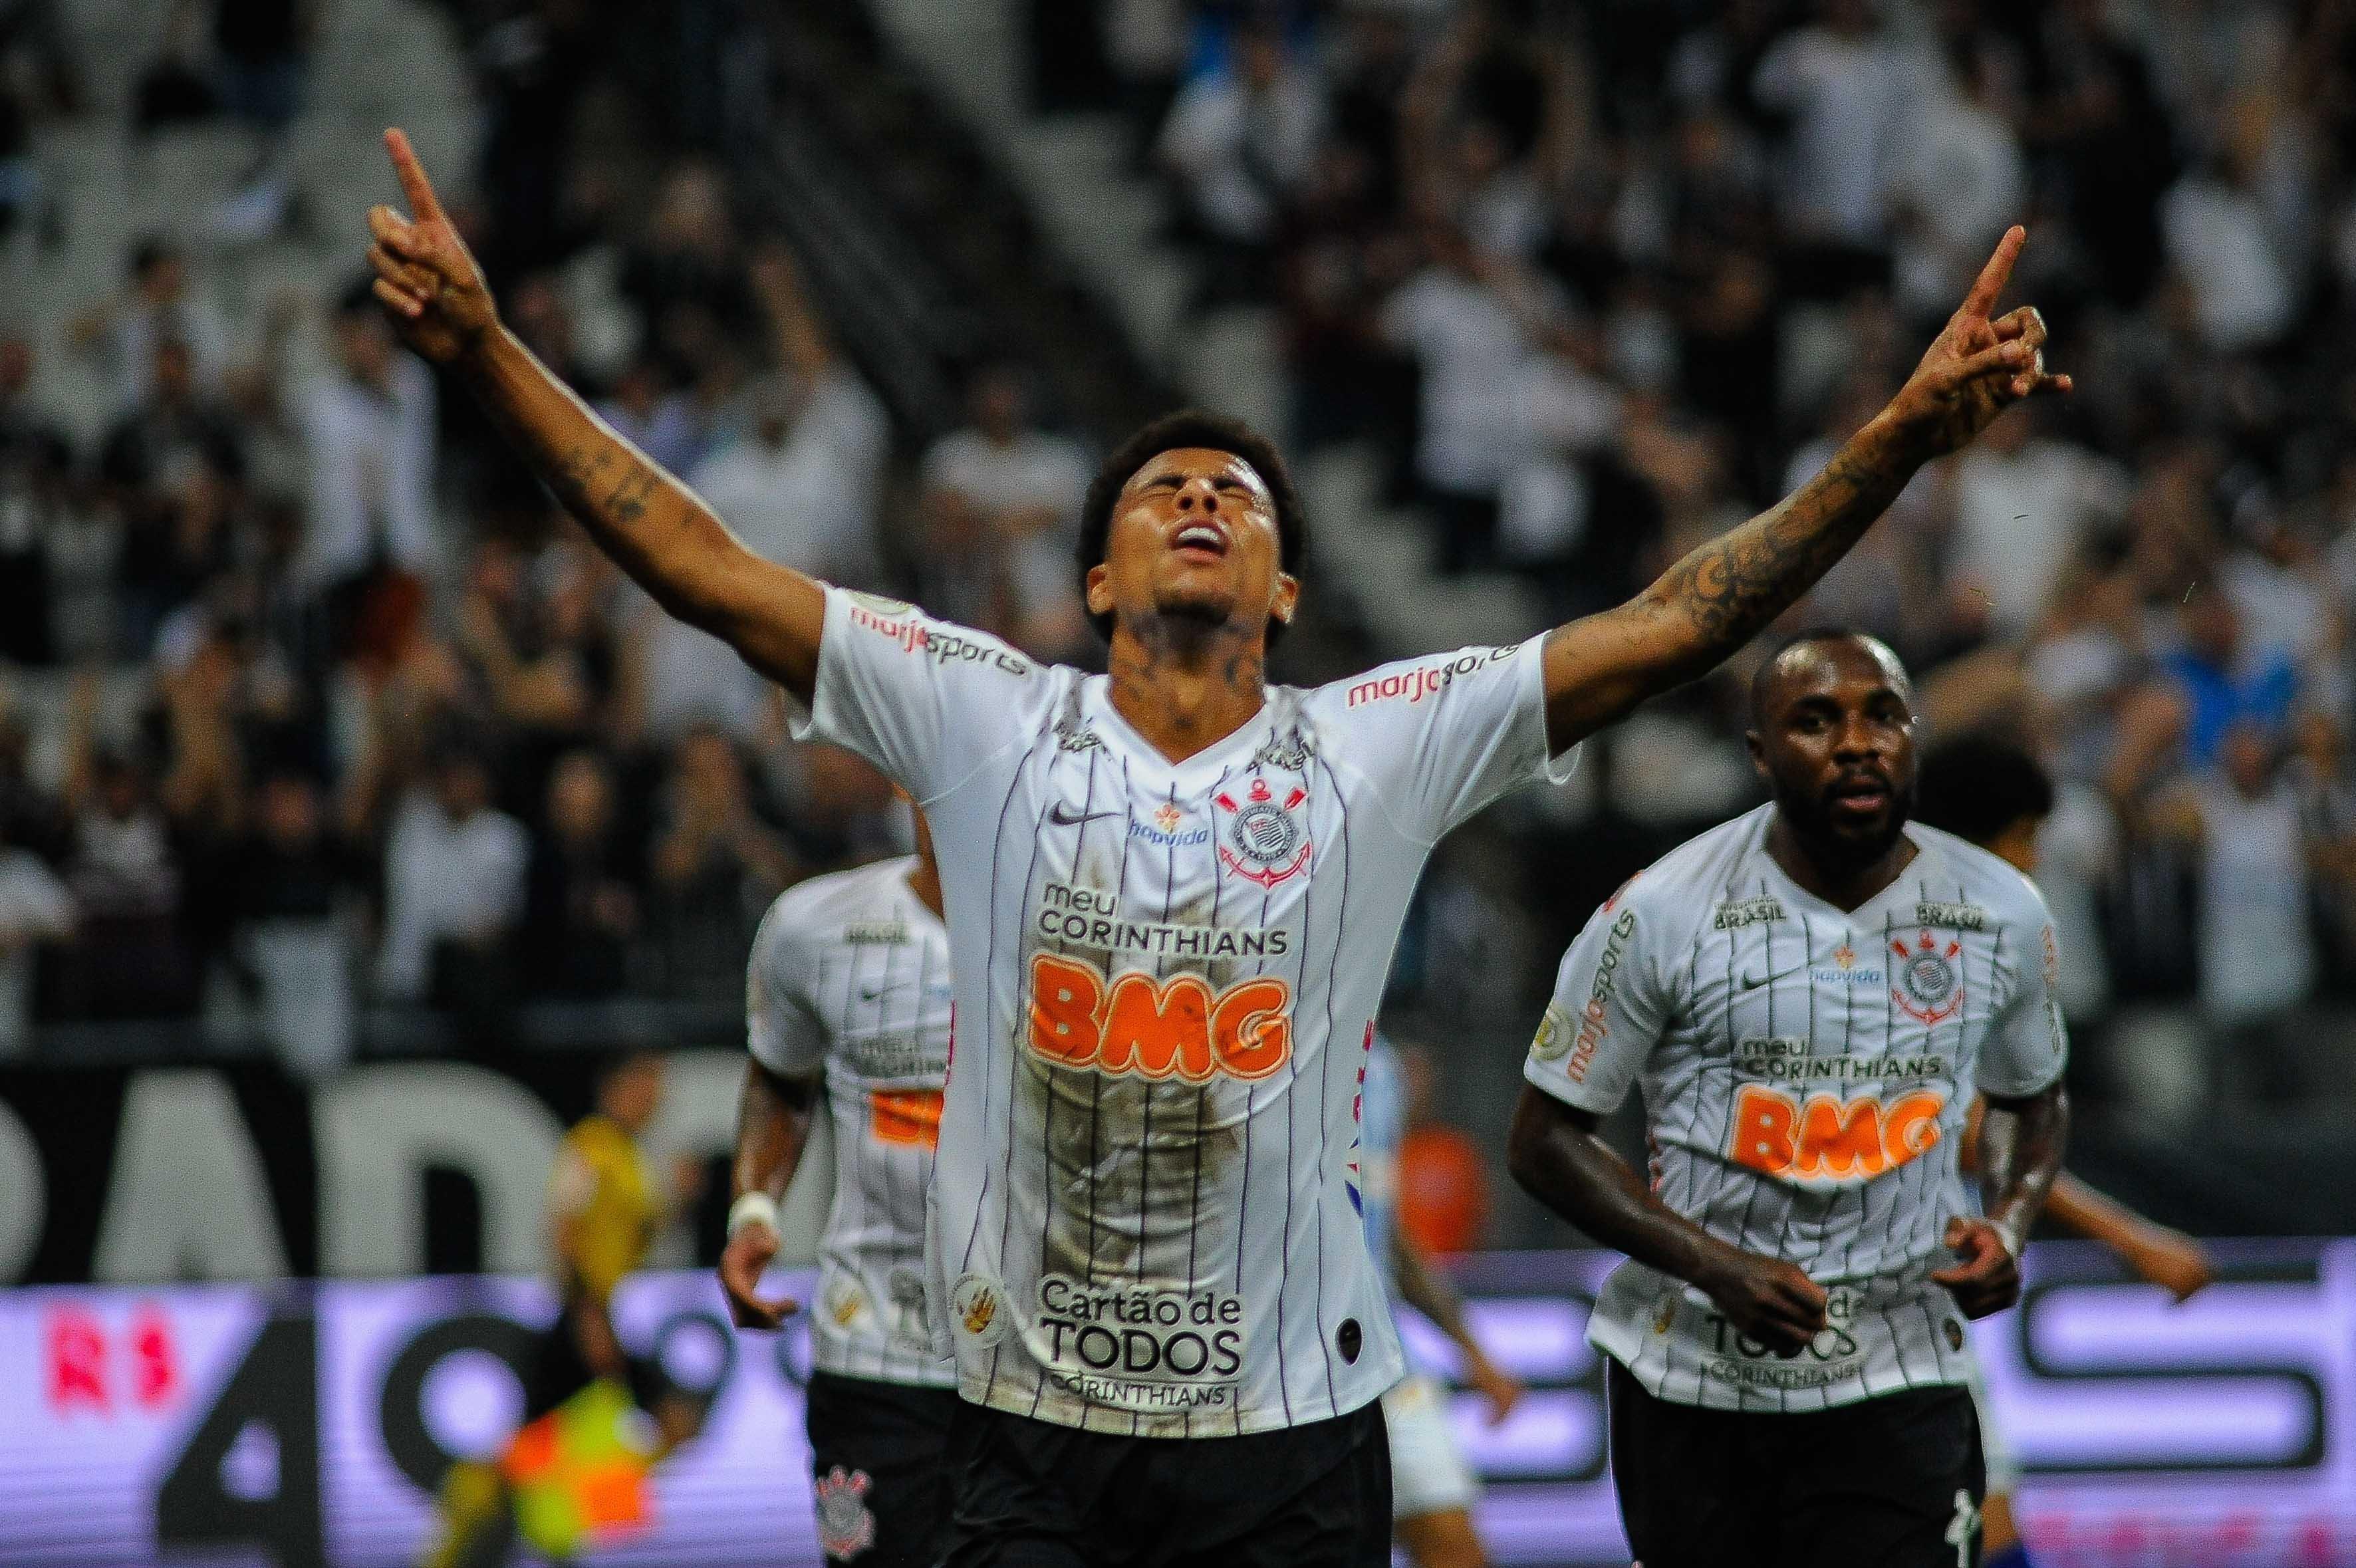 Como Assistir A Ceara X Corinthians Pelo Campeonato Brasileiro Veja